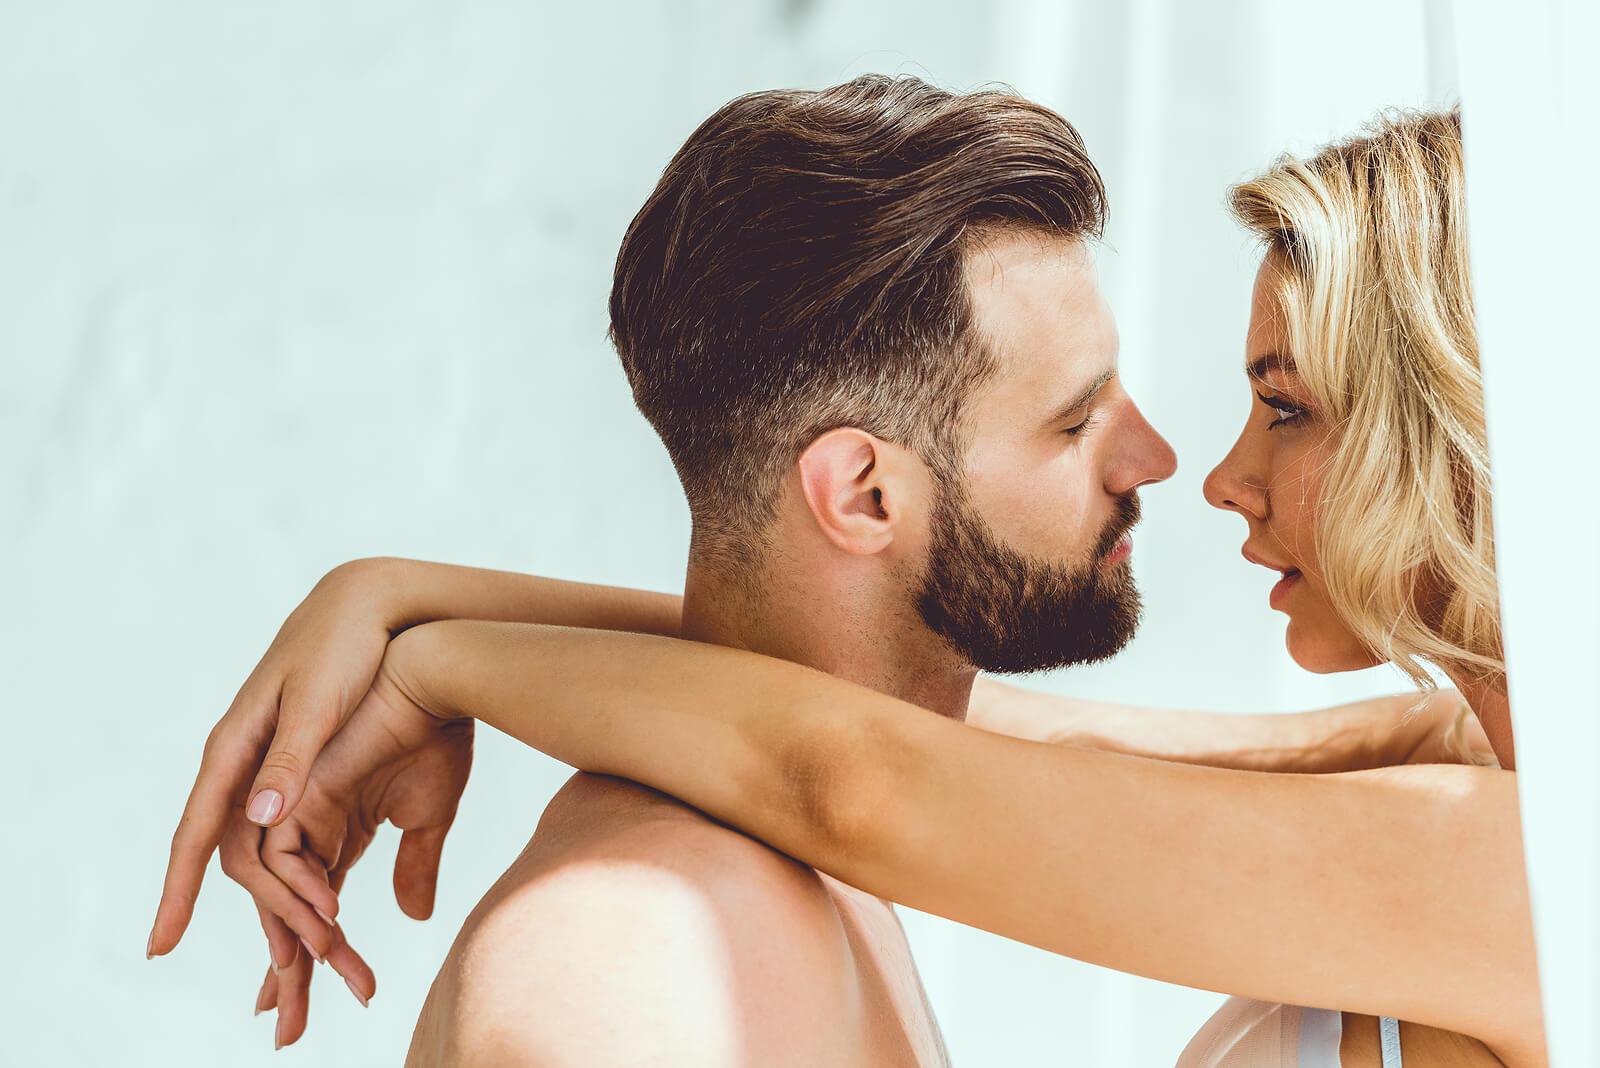 Pareja besándose mientras tiene sexo de pie.